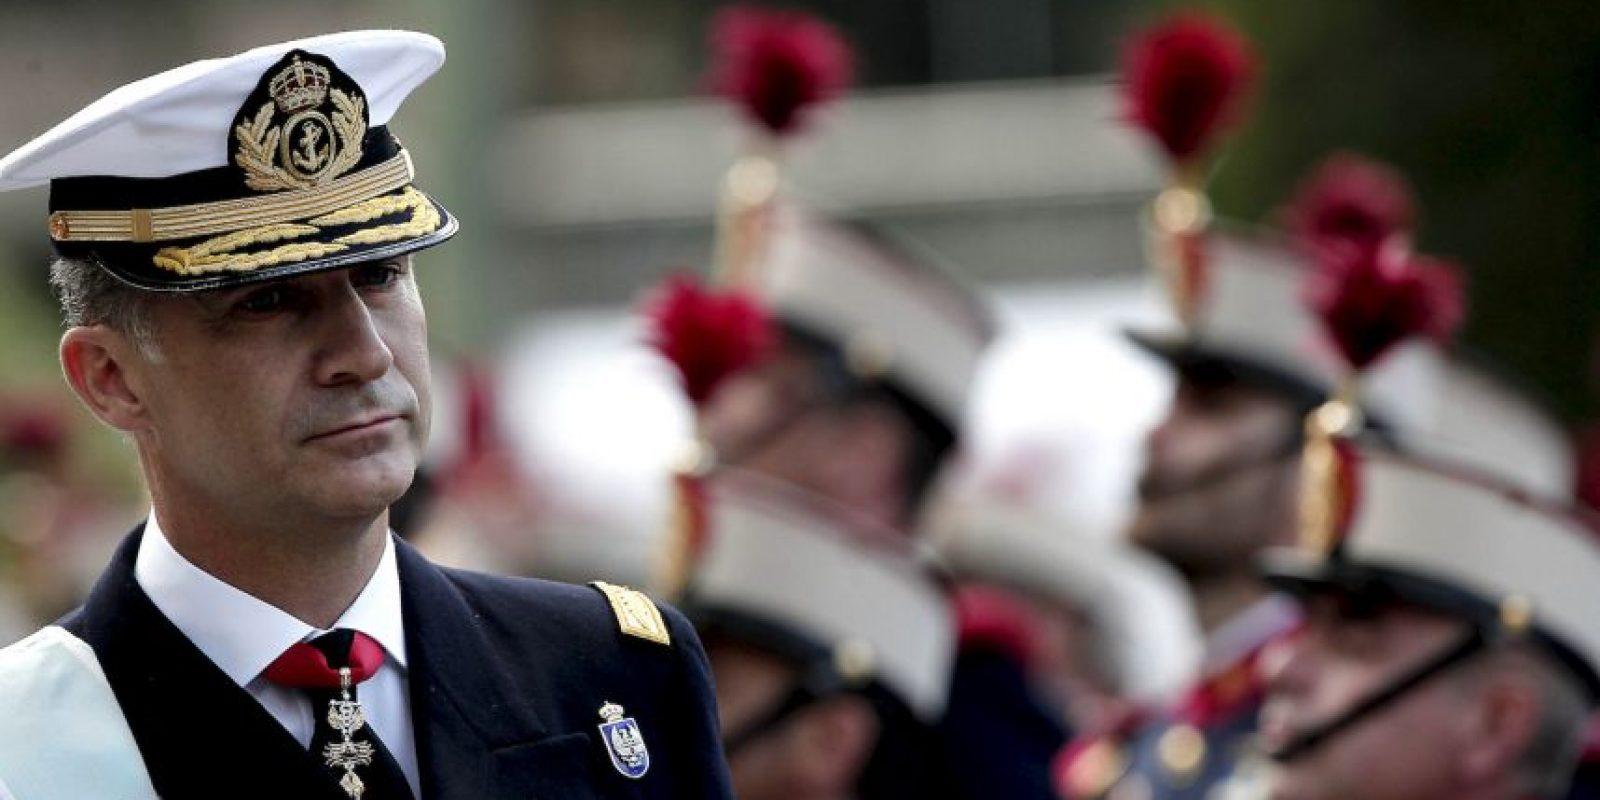 En el desfile militar participó el Rey Felipe VI, la Reina Letizia, así como sus hijas la princesa Leonor y la infanta Soífa. Foto:AFP